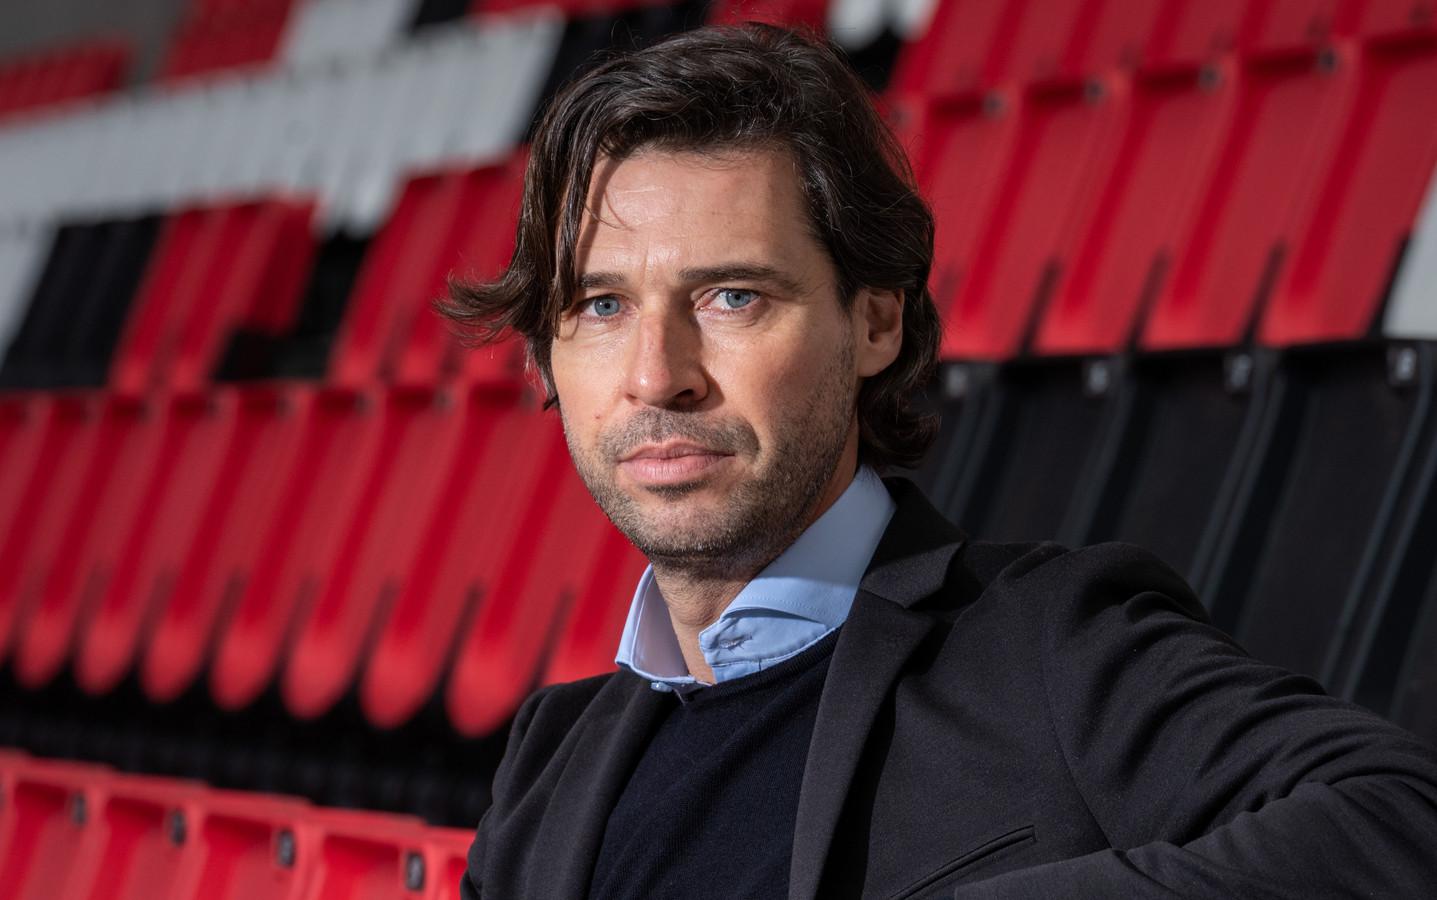 Nederland, Eindhoven, PSV Directeur John de Jong